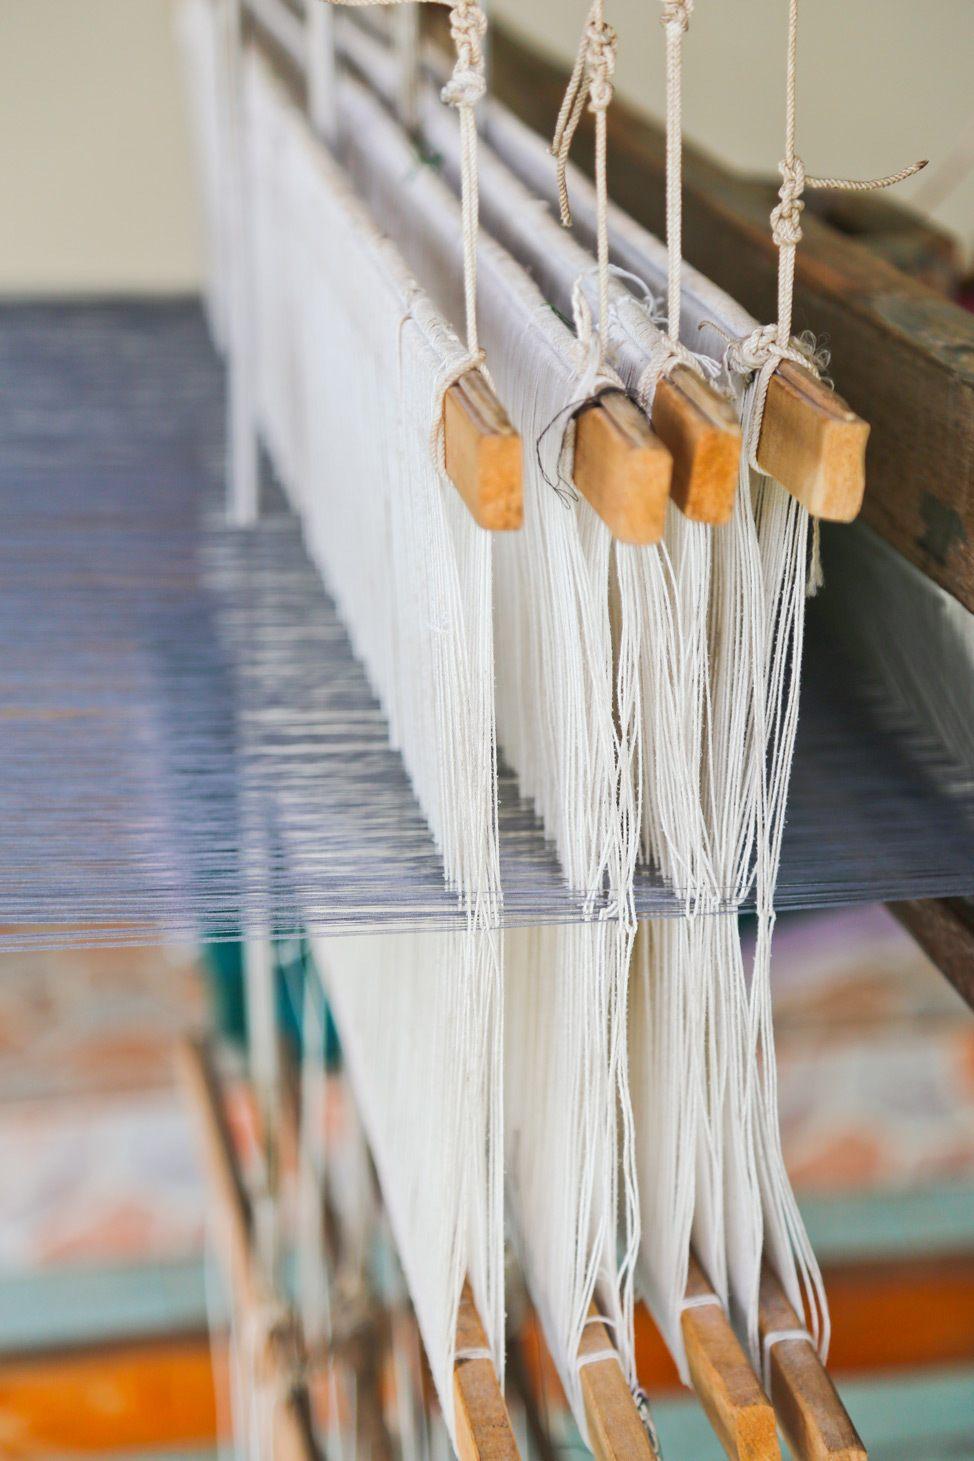 Na Muen Si Weaving Group, Trang, Thailand